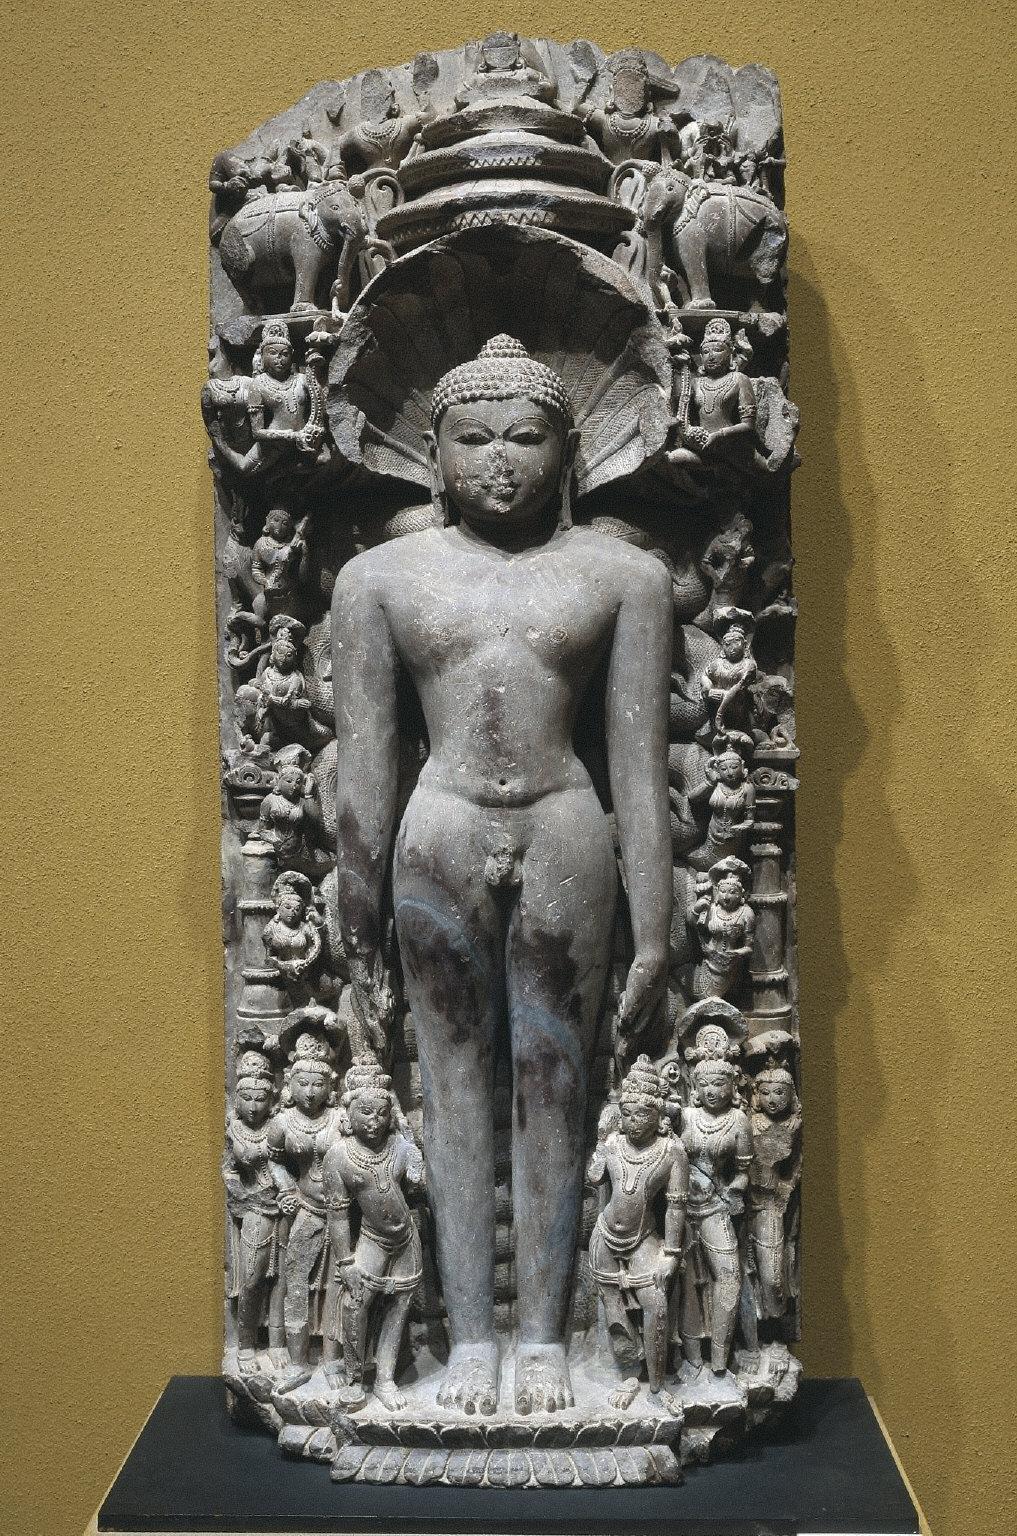 Stele in High Relief of Parshvanatha, the twenty-third Jain Tirthankara